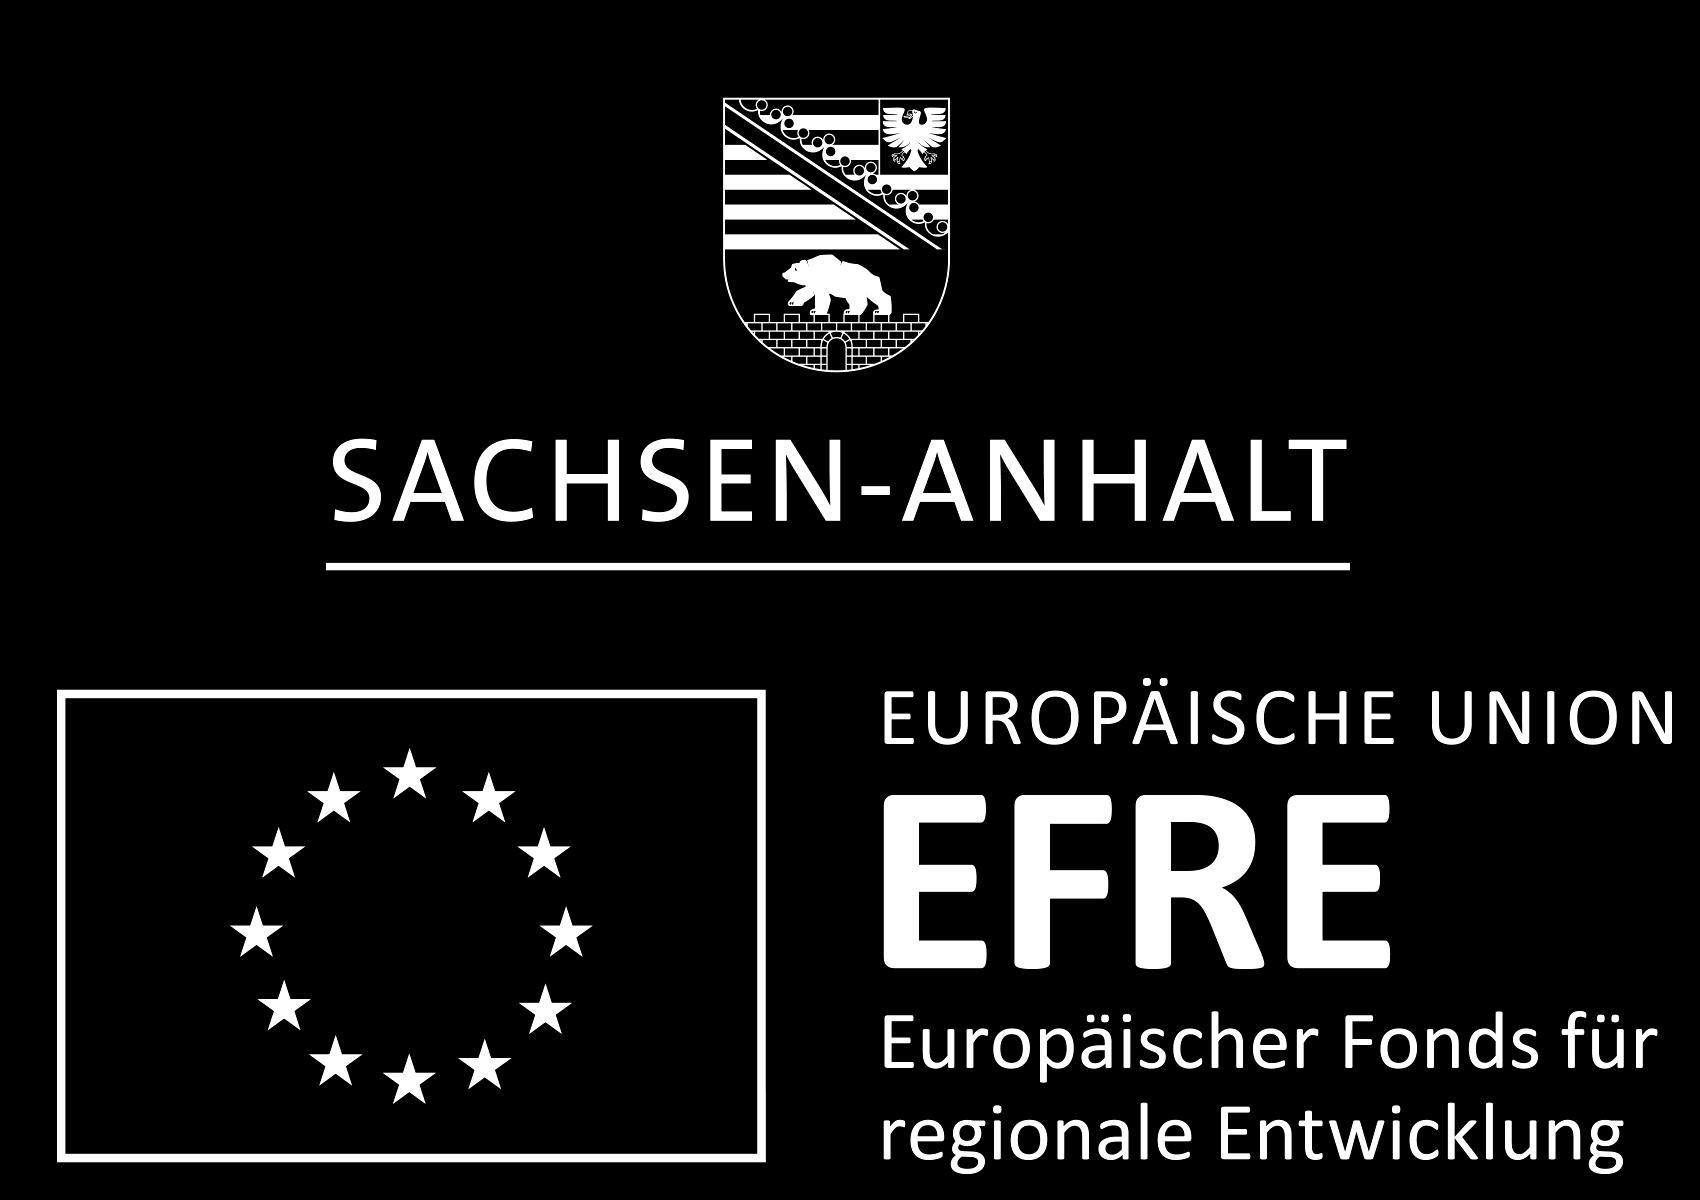 Startup-Foerdermittel_Digital_Creativity_LSA_IB_Investitionsbank_Sachsen-Anhalt-EFRE.png